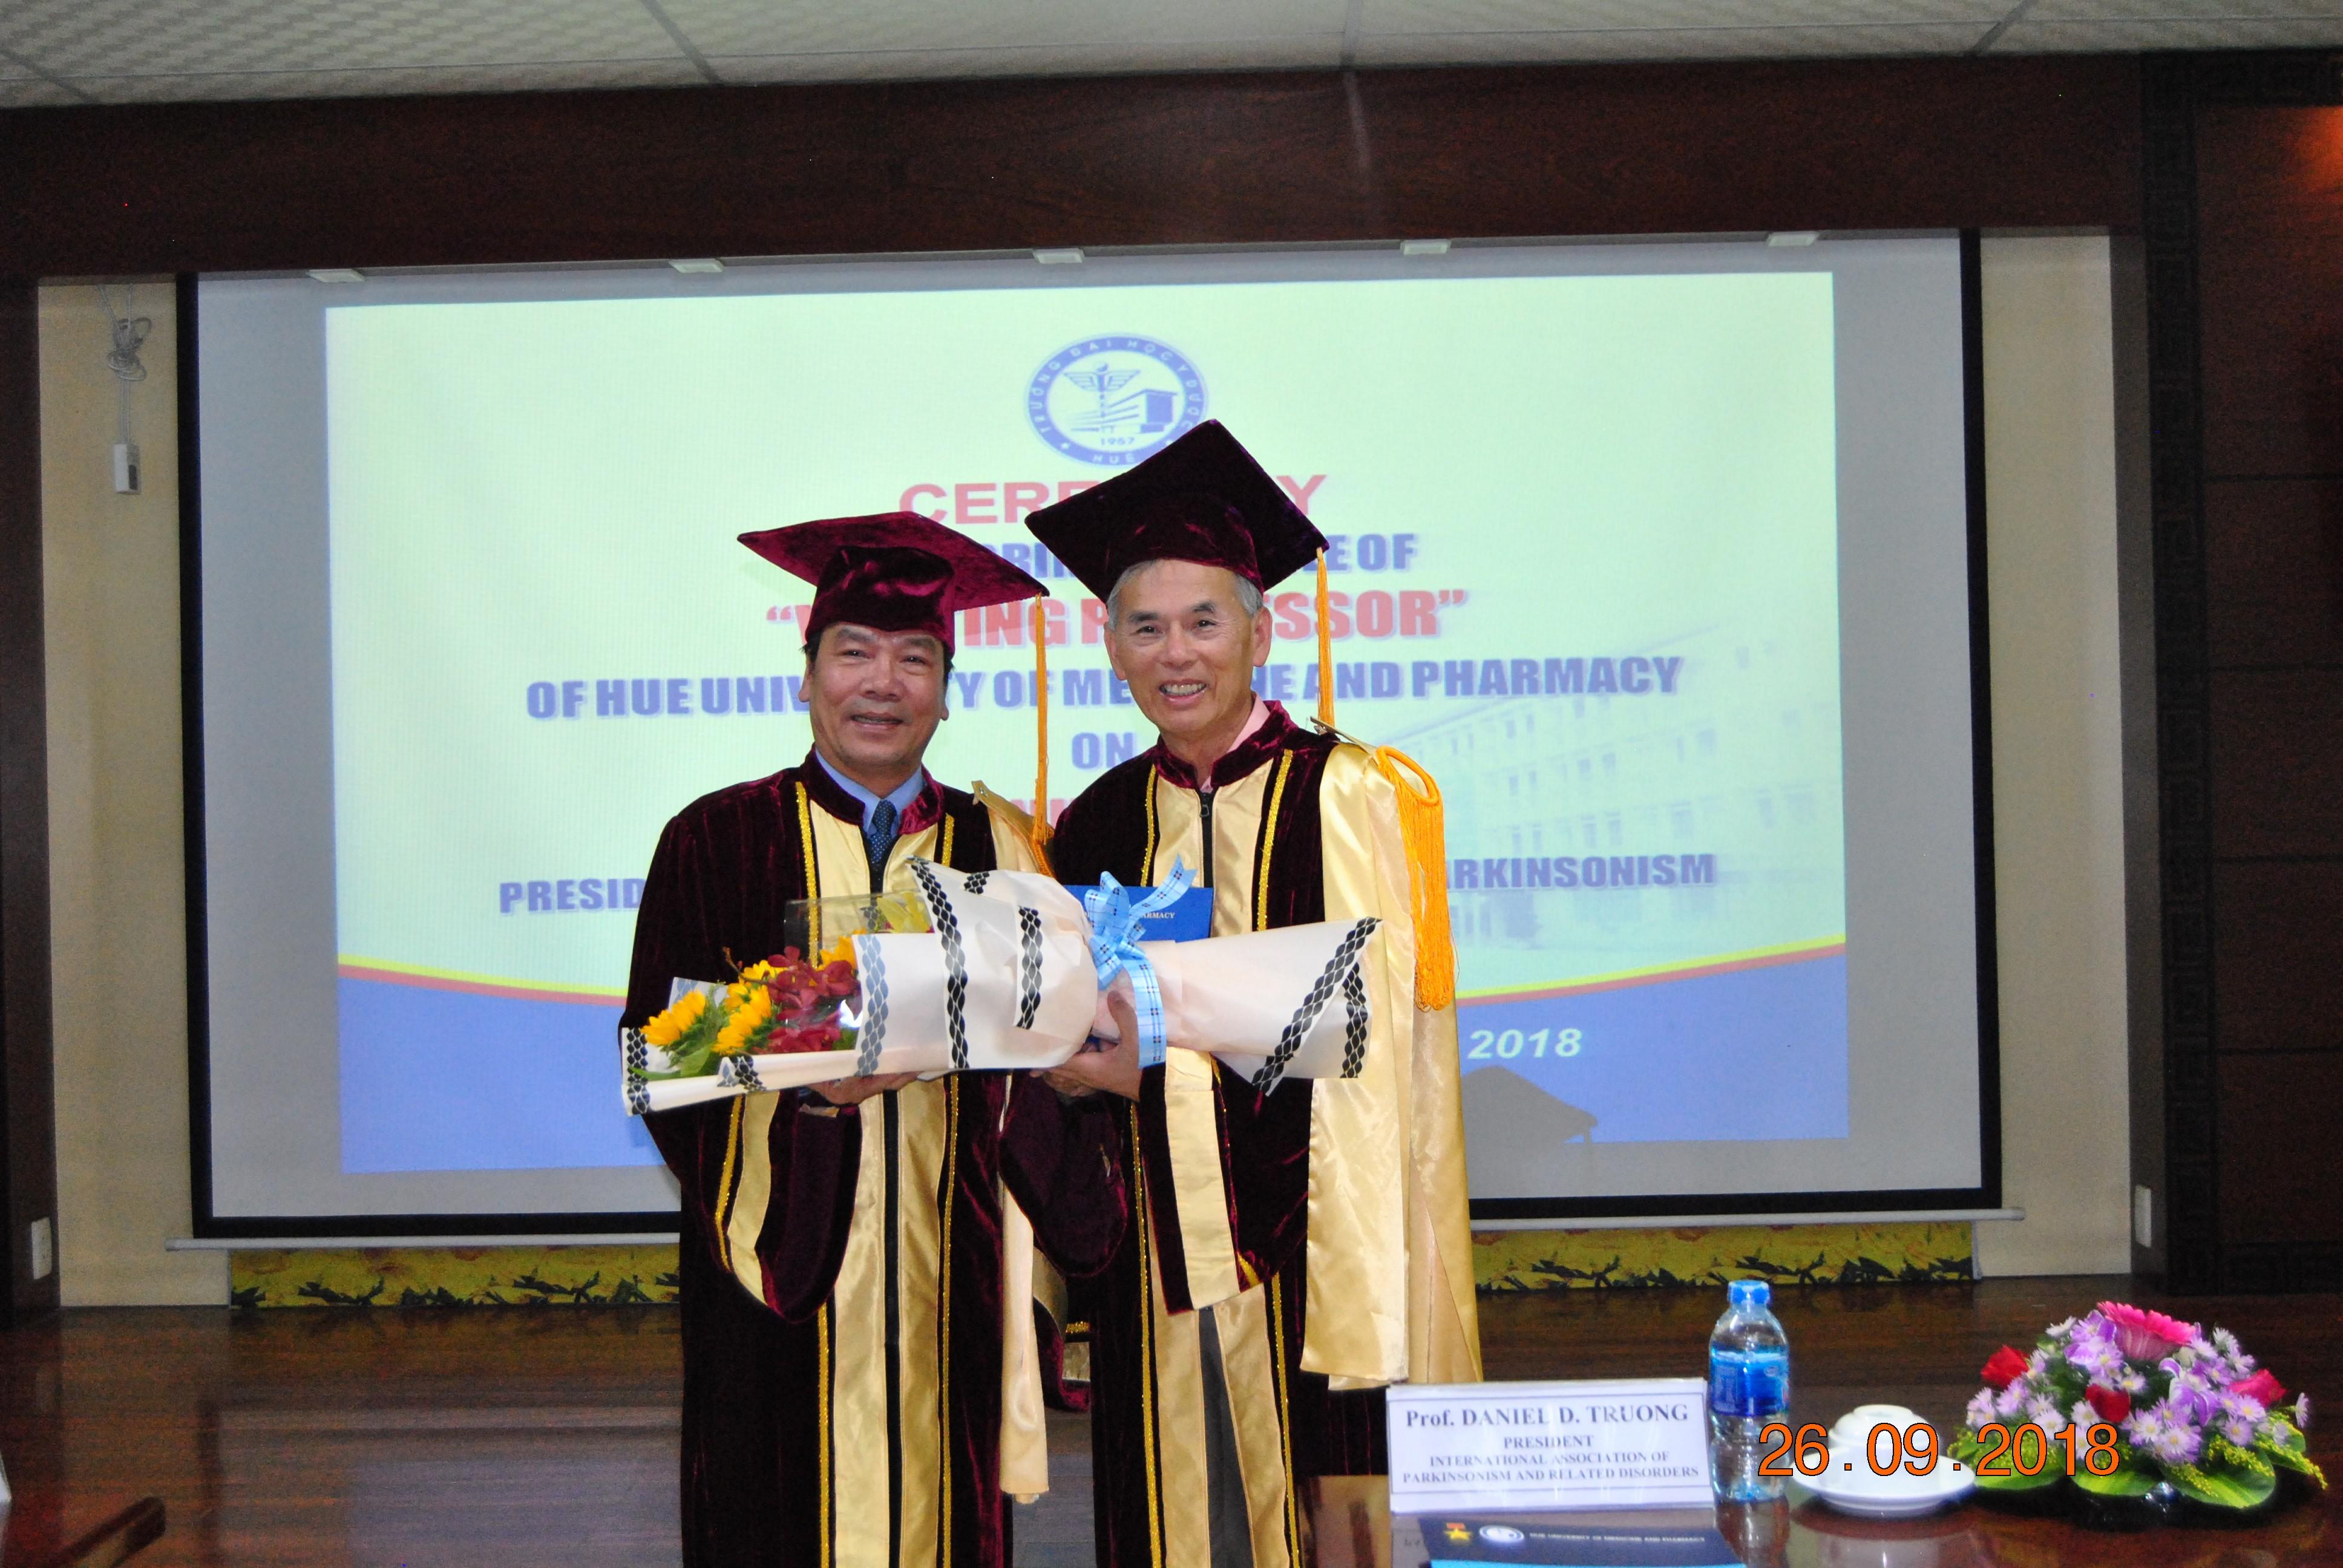 Trao tặng danh hiệu Giáo sư thỉnh giảng cho GS. Daniel Trương – Chủ tịch Hội Parkinson quốc tế và những bệnh liên quan